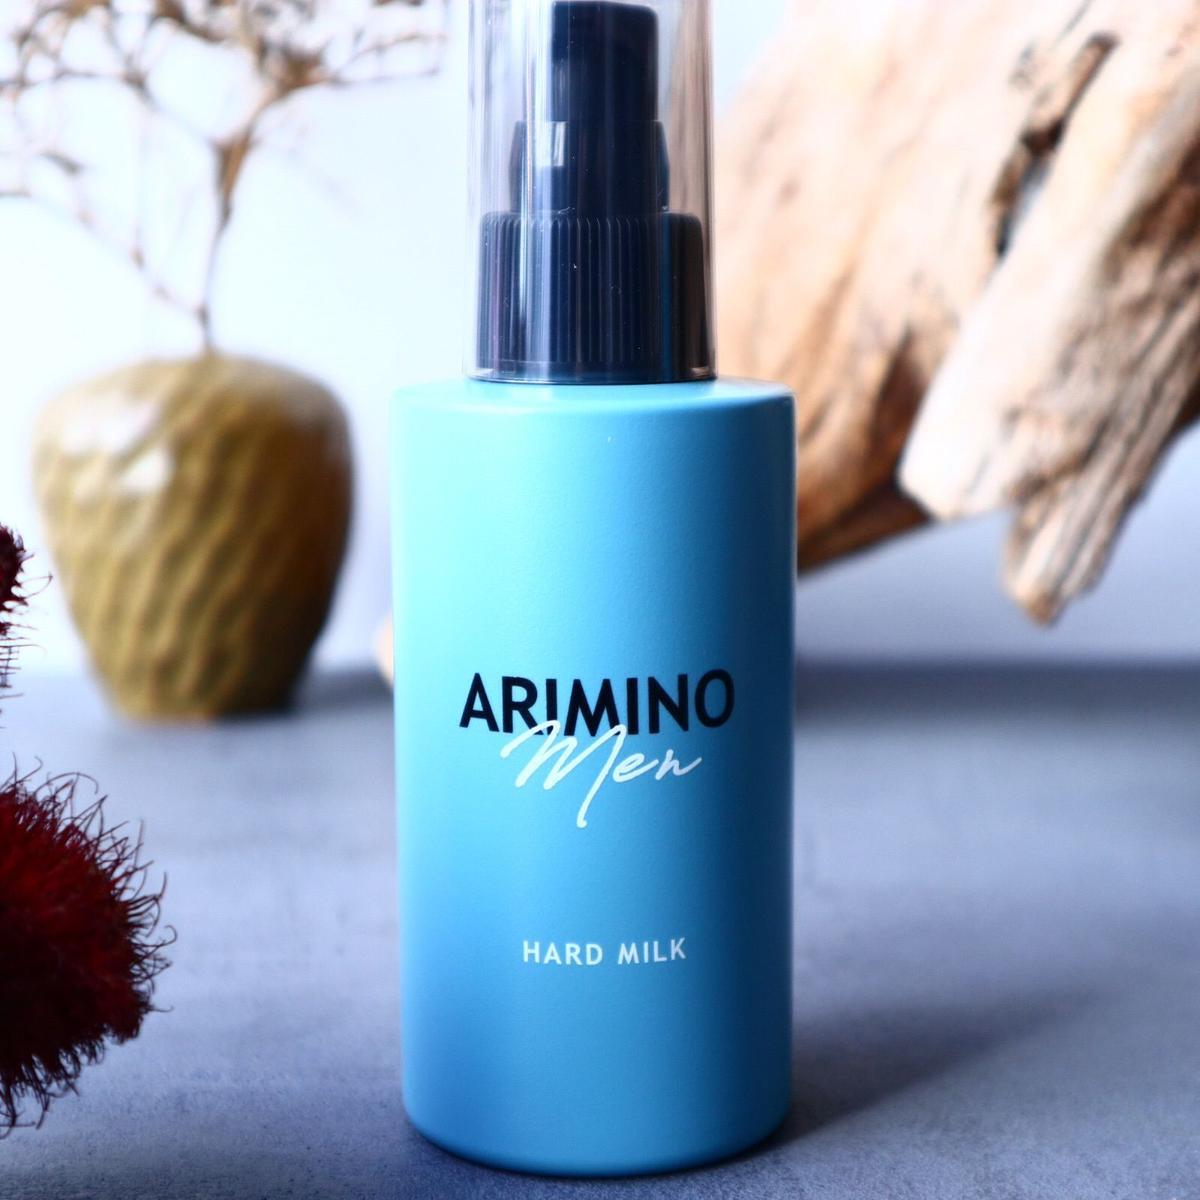 ARIMINO アリミノ メン ハードミルク ノイセル Noisyle 北堀江 西長堀 美容室 理容室